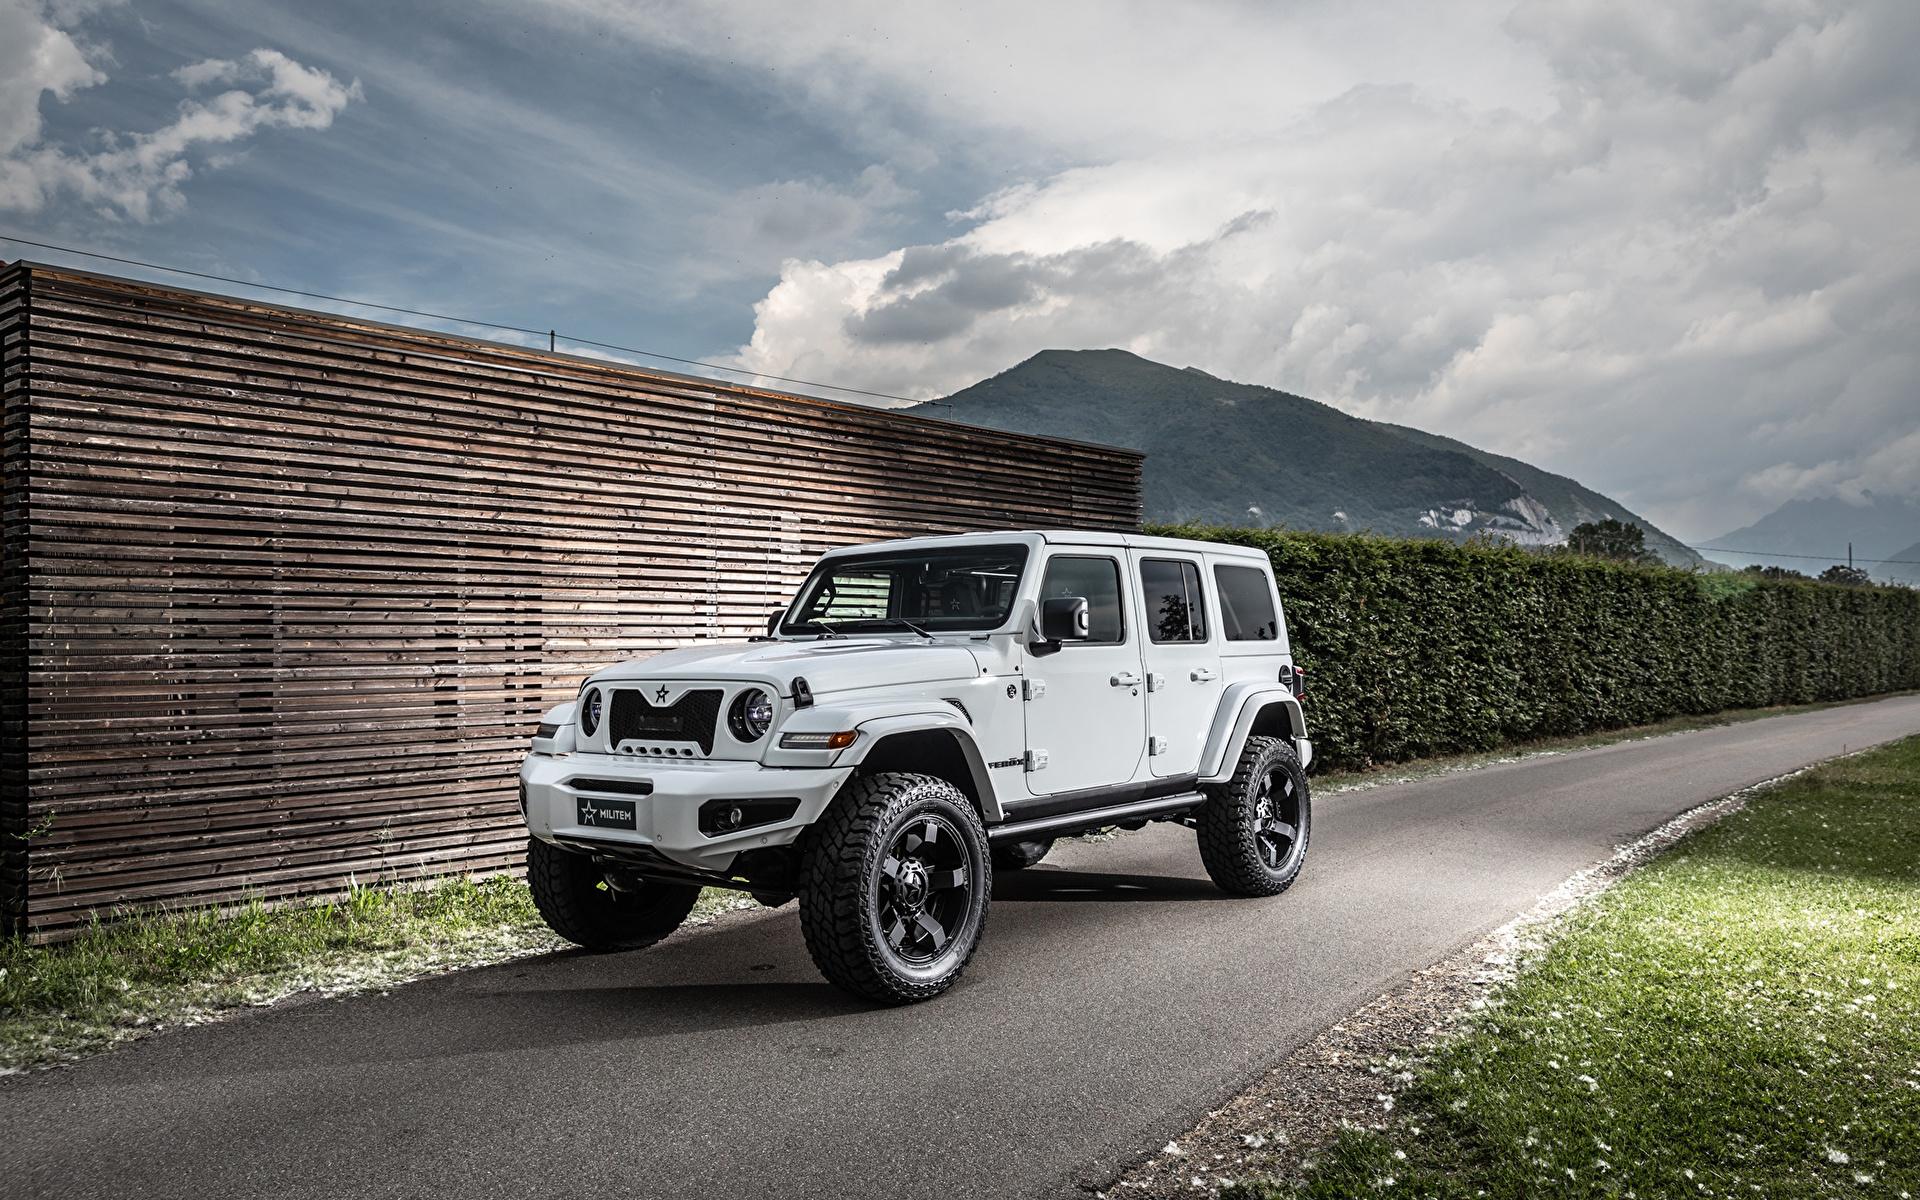 Фотографии Джип Внедорожник 2019 Militem Ferōx белые Автомобили 1920x1200 Jeep SUV белая Белый белых авто машины машина автомобиль